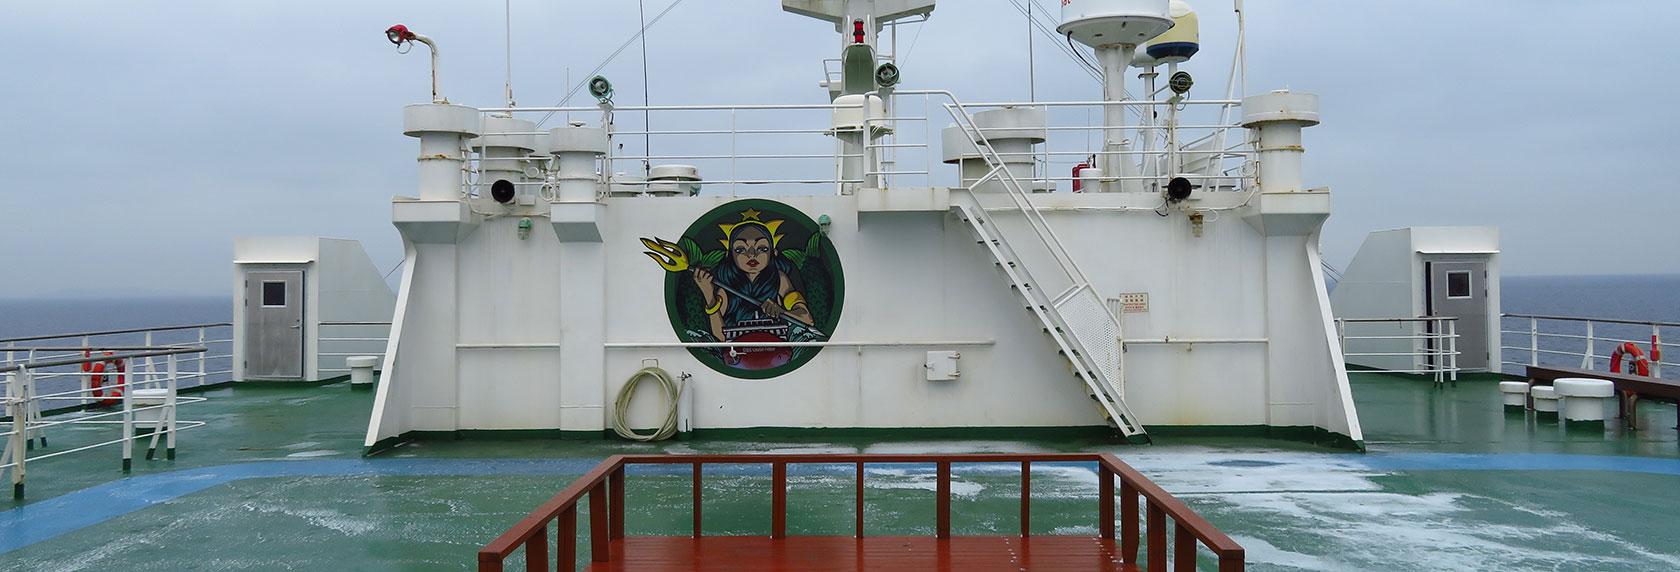 eastern dream ferry donghae to vladivostok